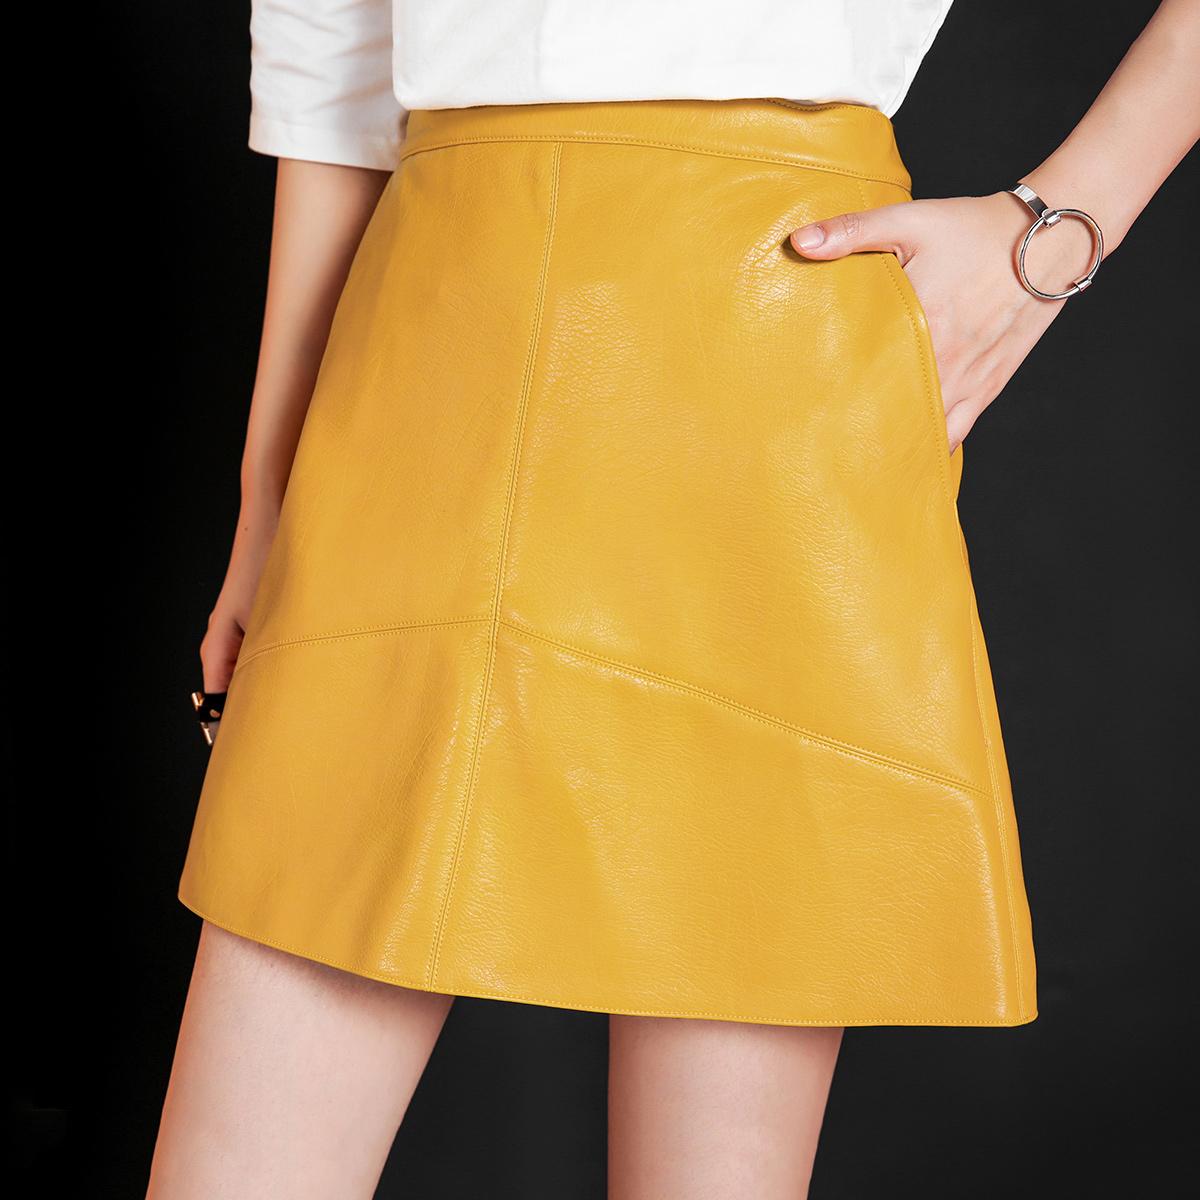 黄色半身裙 预ANN 2016秋新款 高腰显瘦PU纯色短裙宽松小皮裙A字半身裙CX144_推荐淘宝好看的黄色半身裙